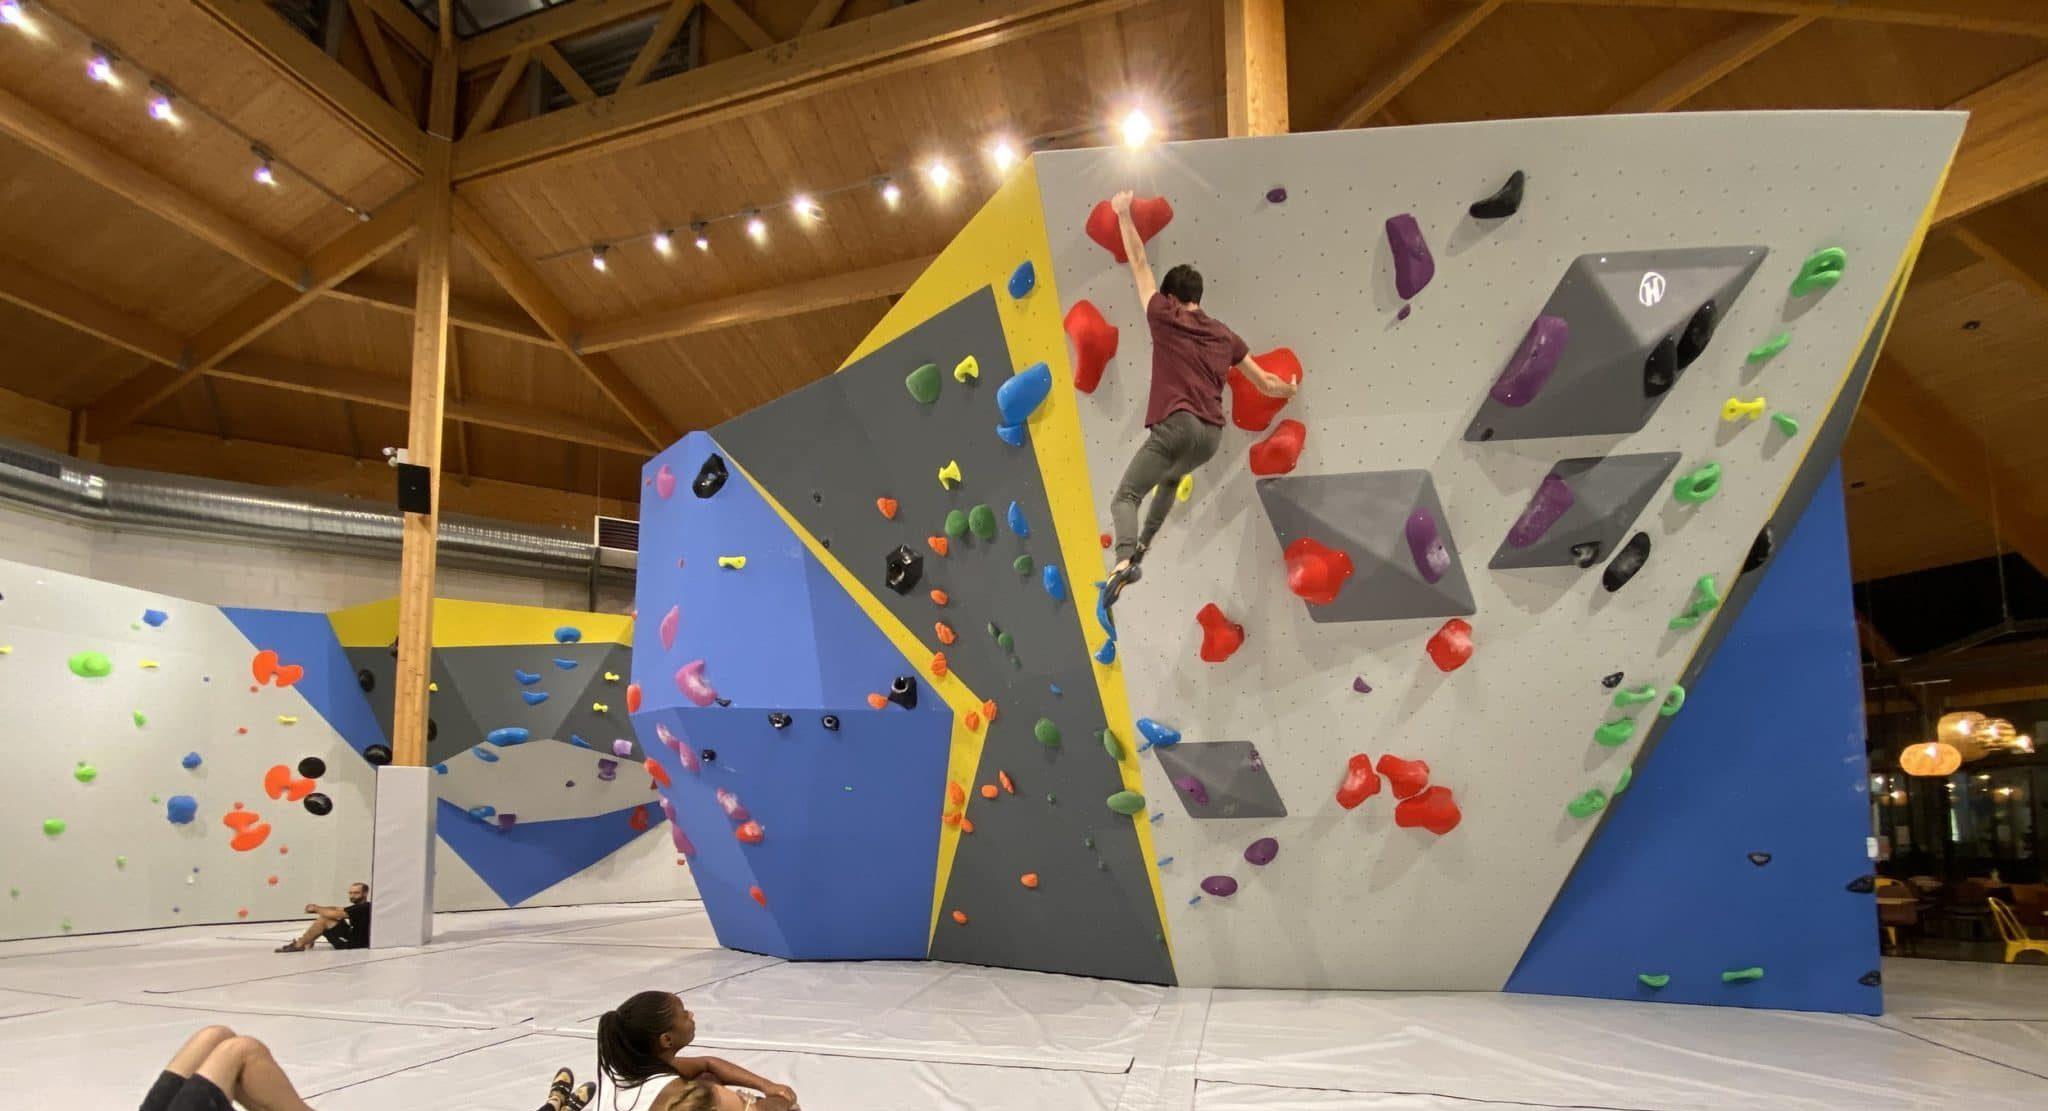 Salle d'escalade, Vertical'Art Le Mans, escalade en Sarthe, salle de bloc, cours d'escalade enfant, stage d'escalade